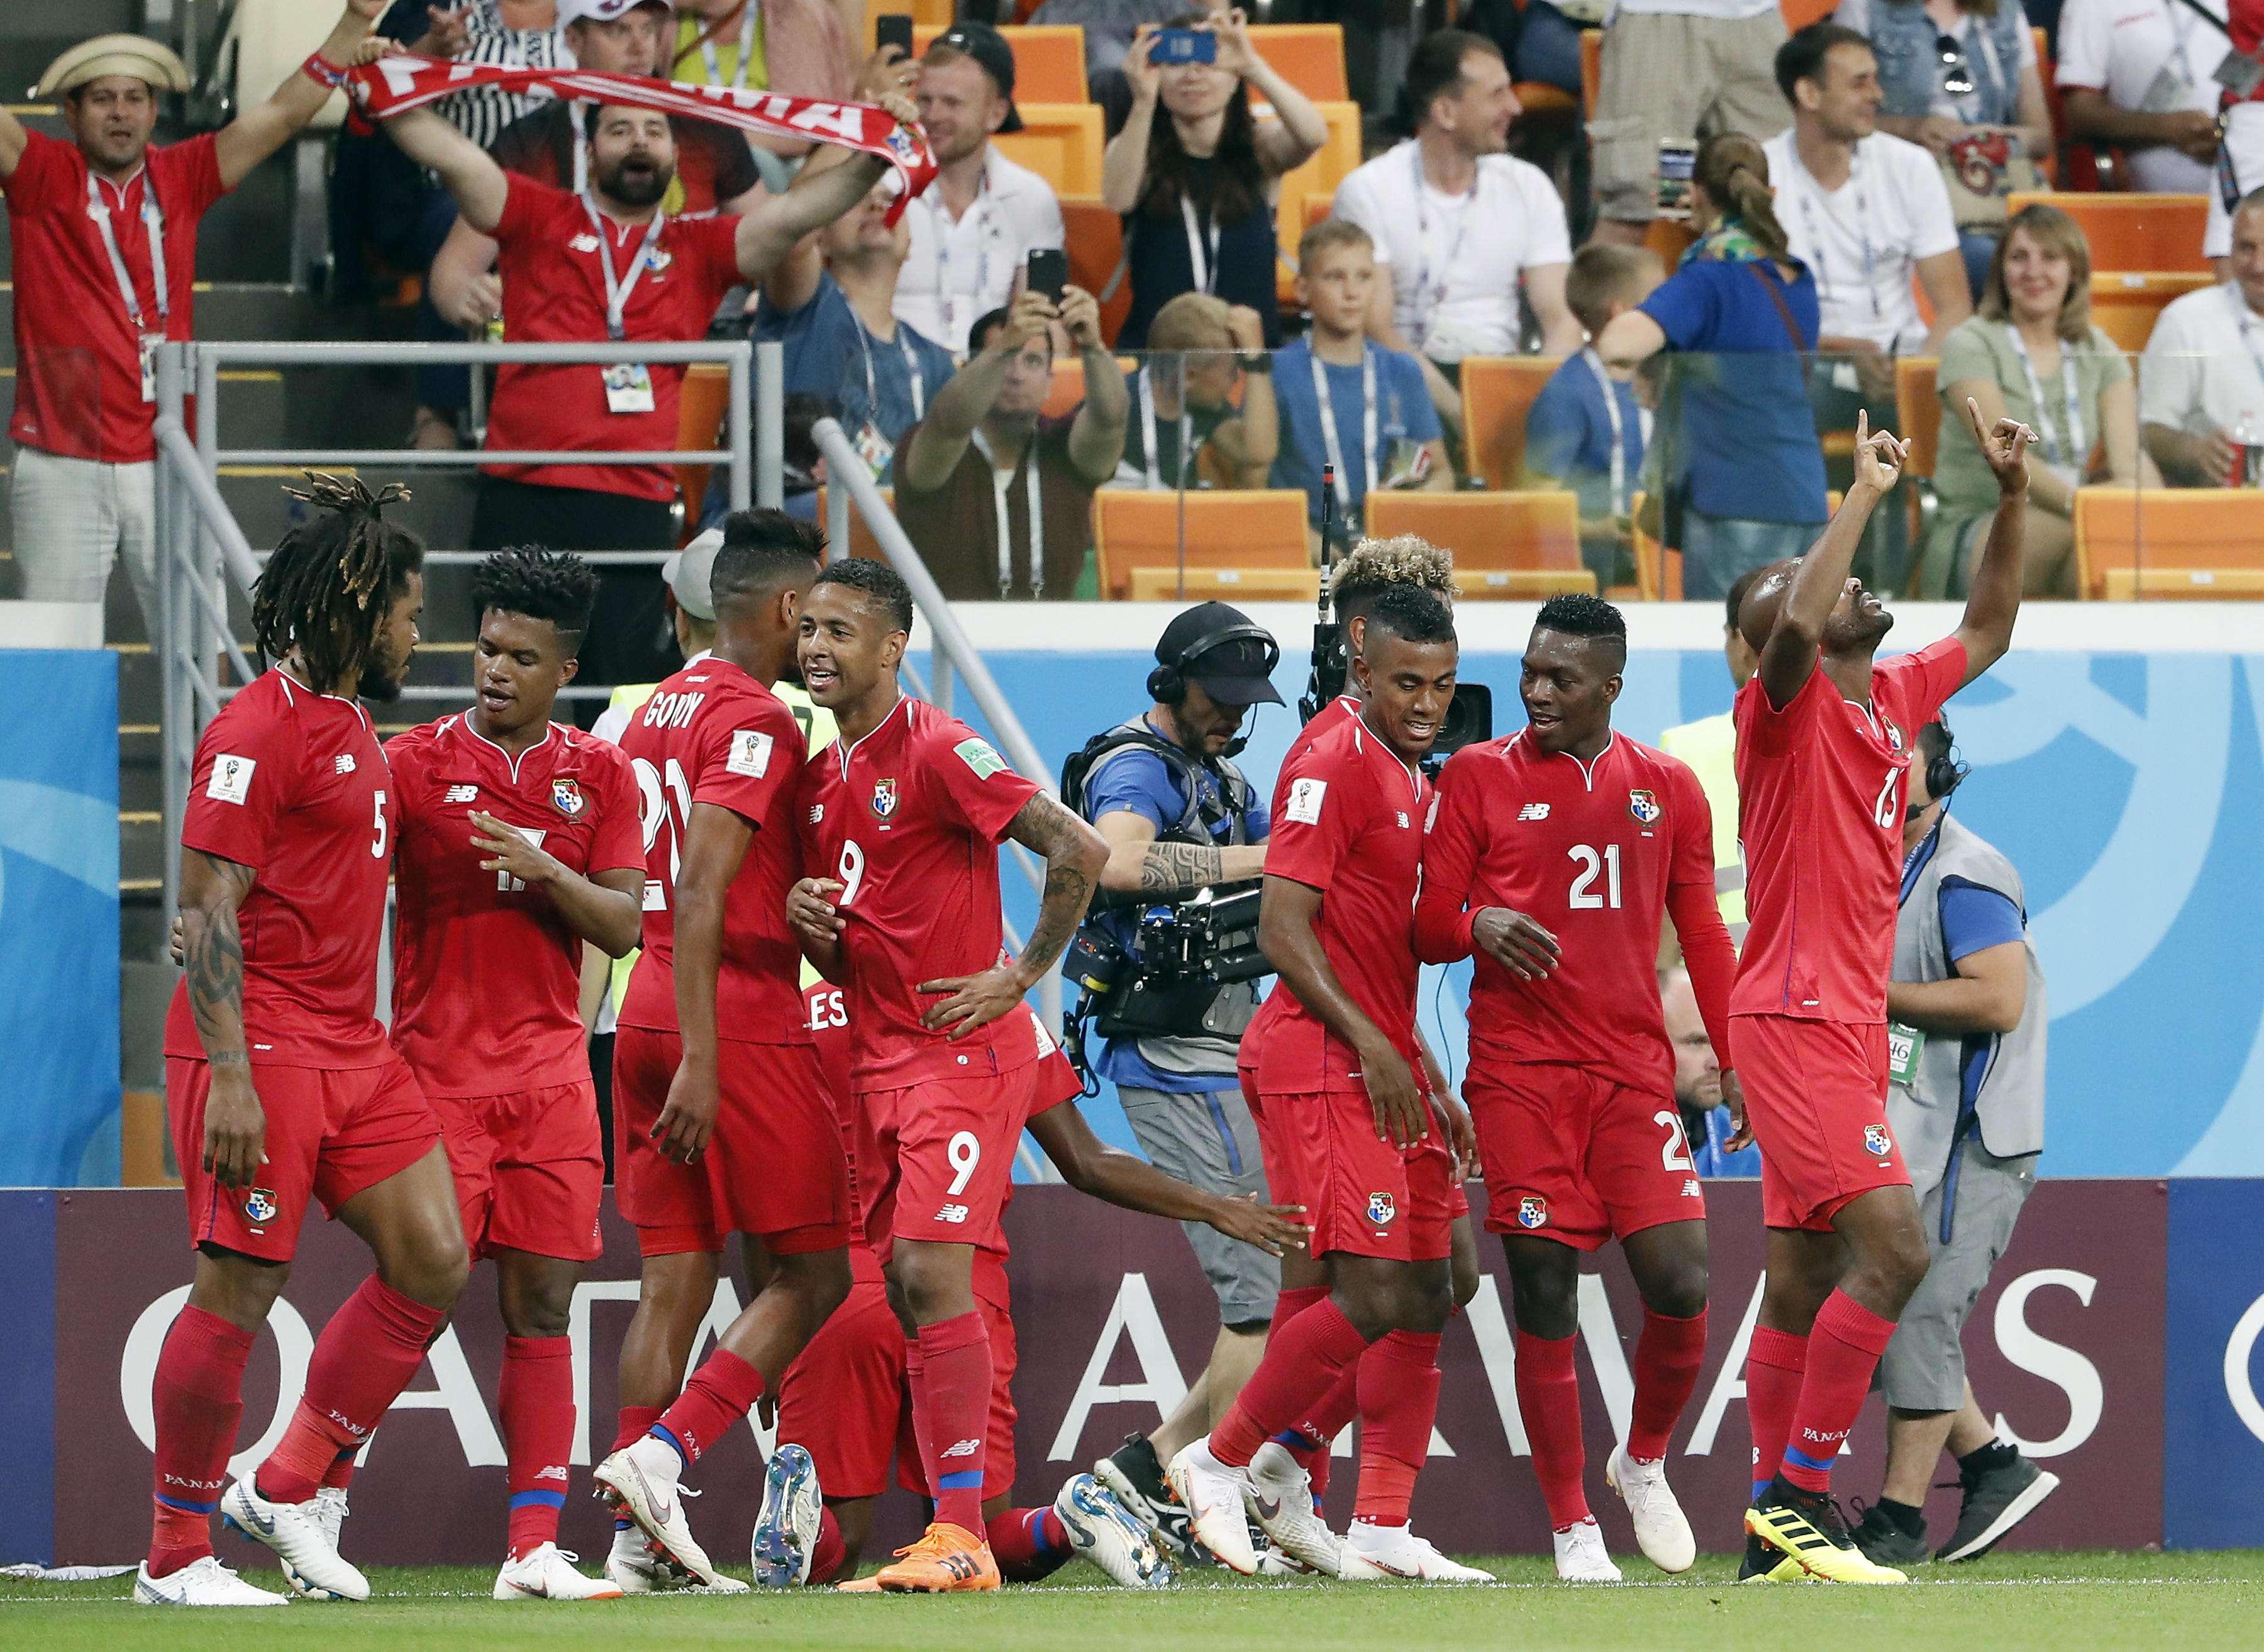 La selección de Panamá participó de su primer mundial. Foto: EFE